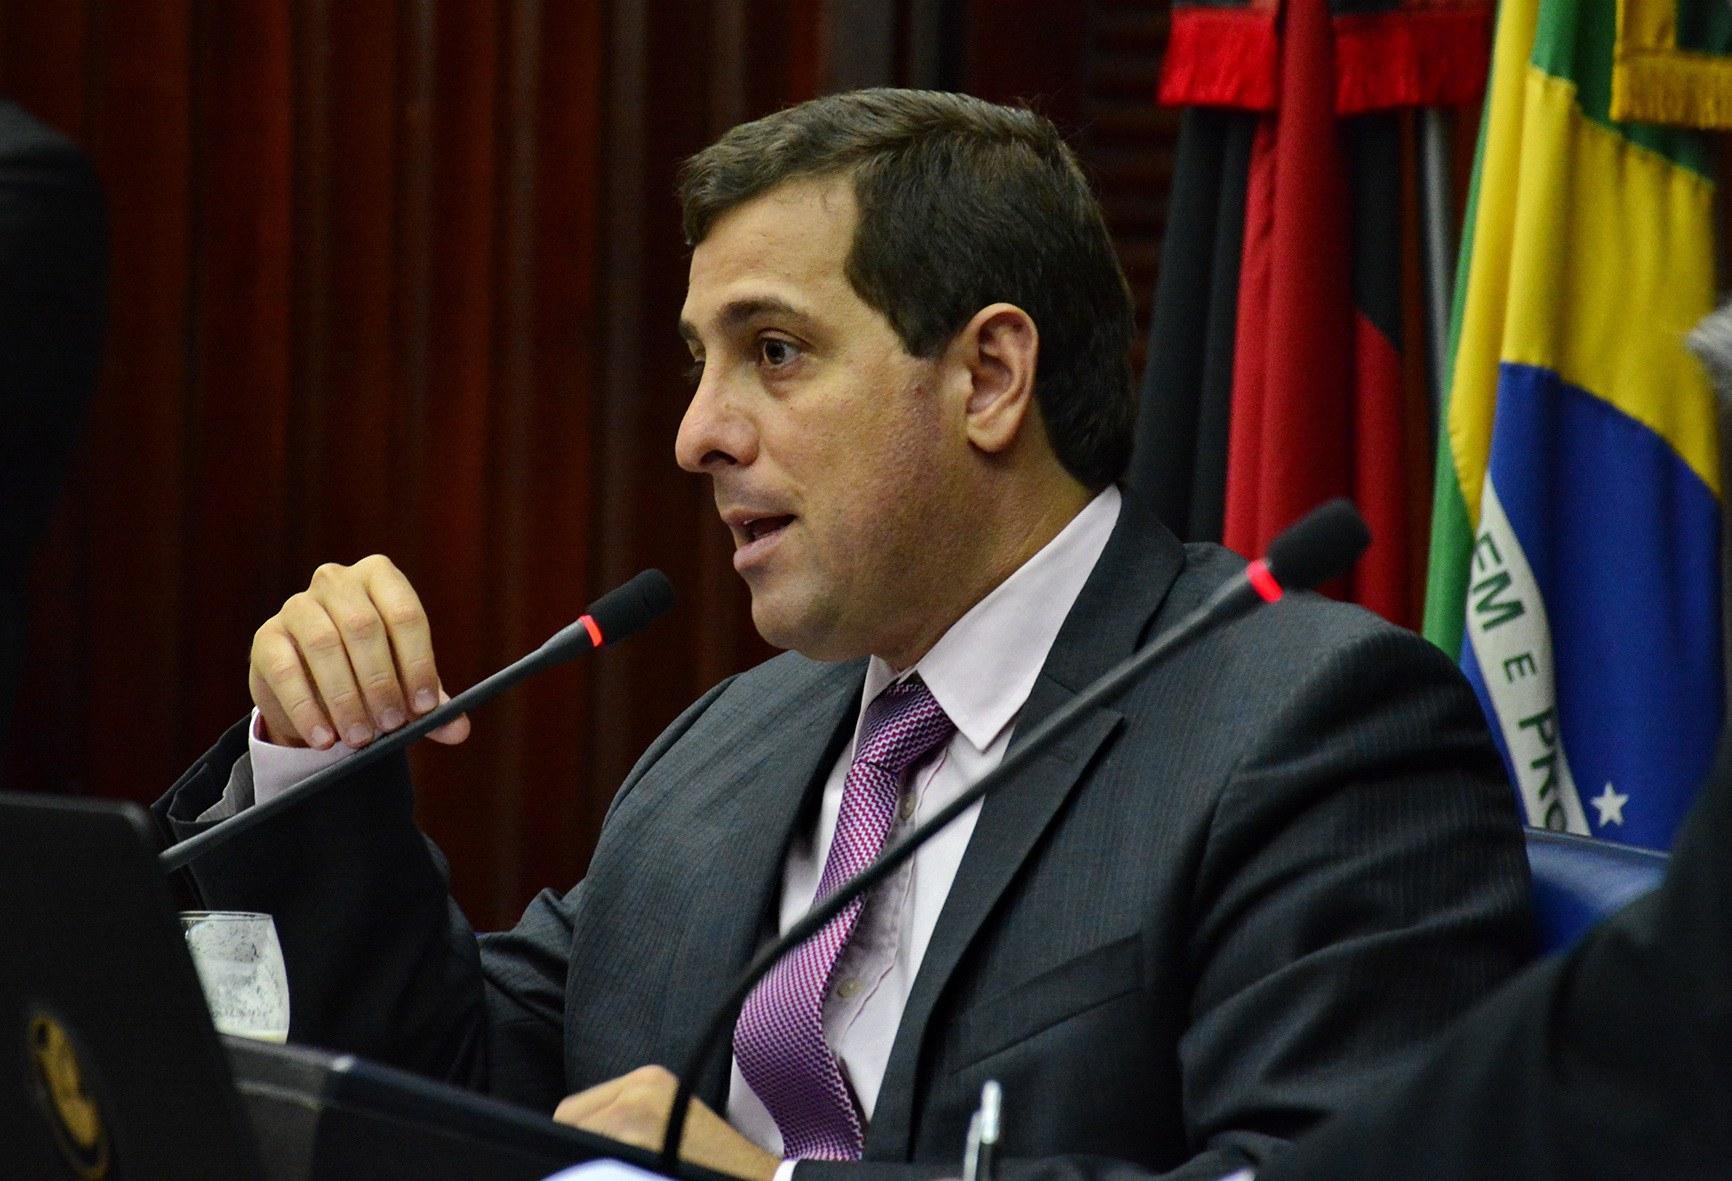 Município de Jericó fica de fora das cidades beneficiadas com emendas do deputado Gervásio Maia